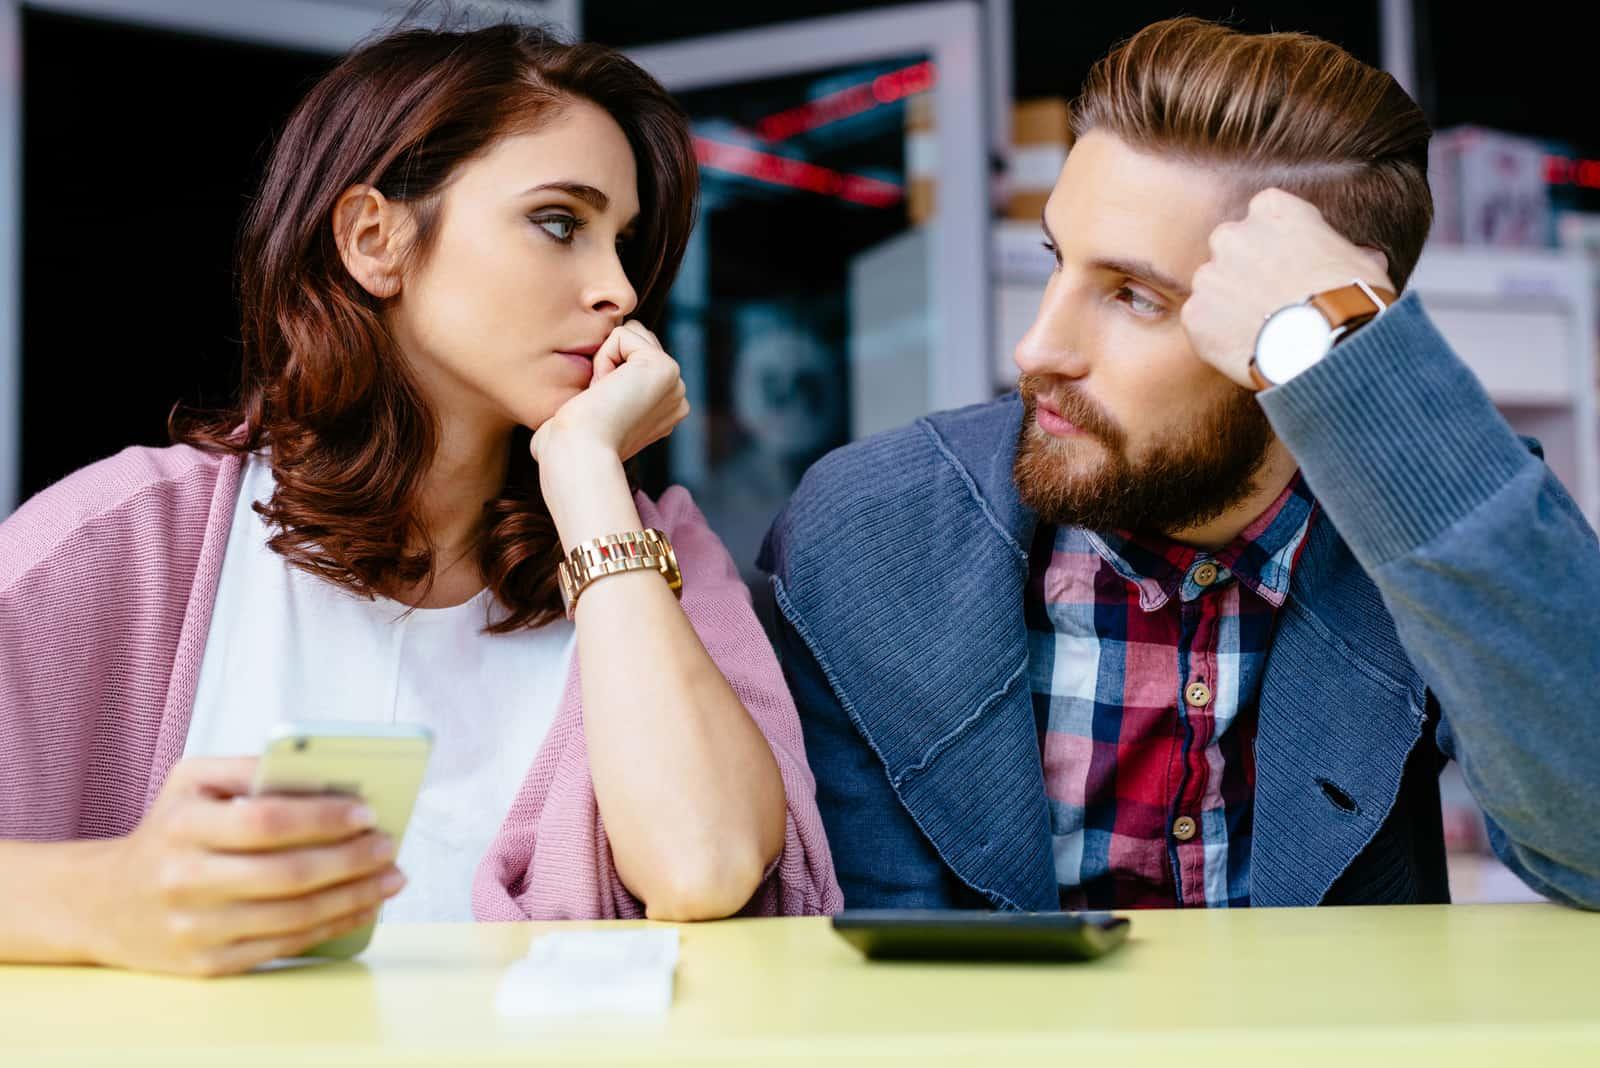 un homme et une femme se regardent